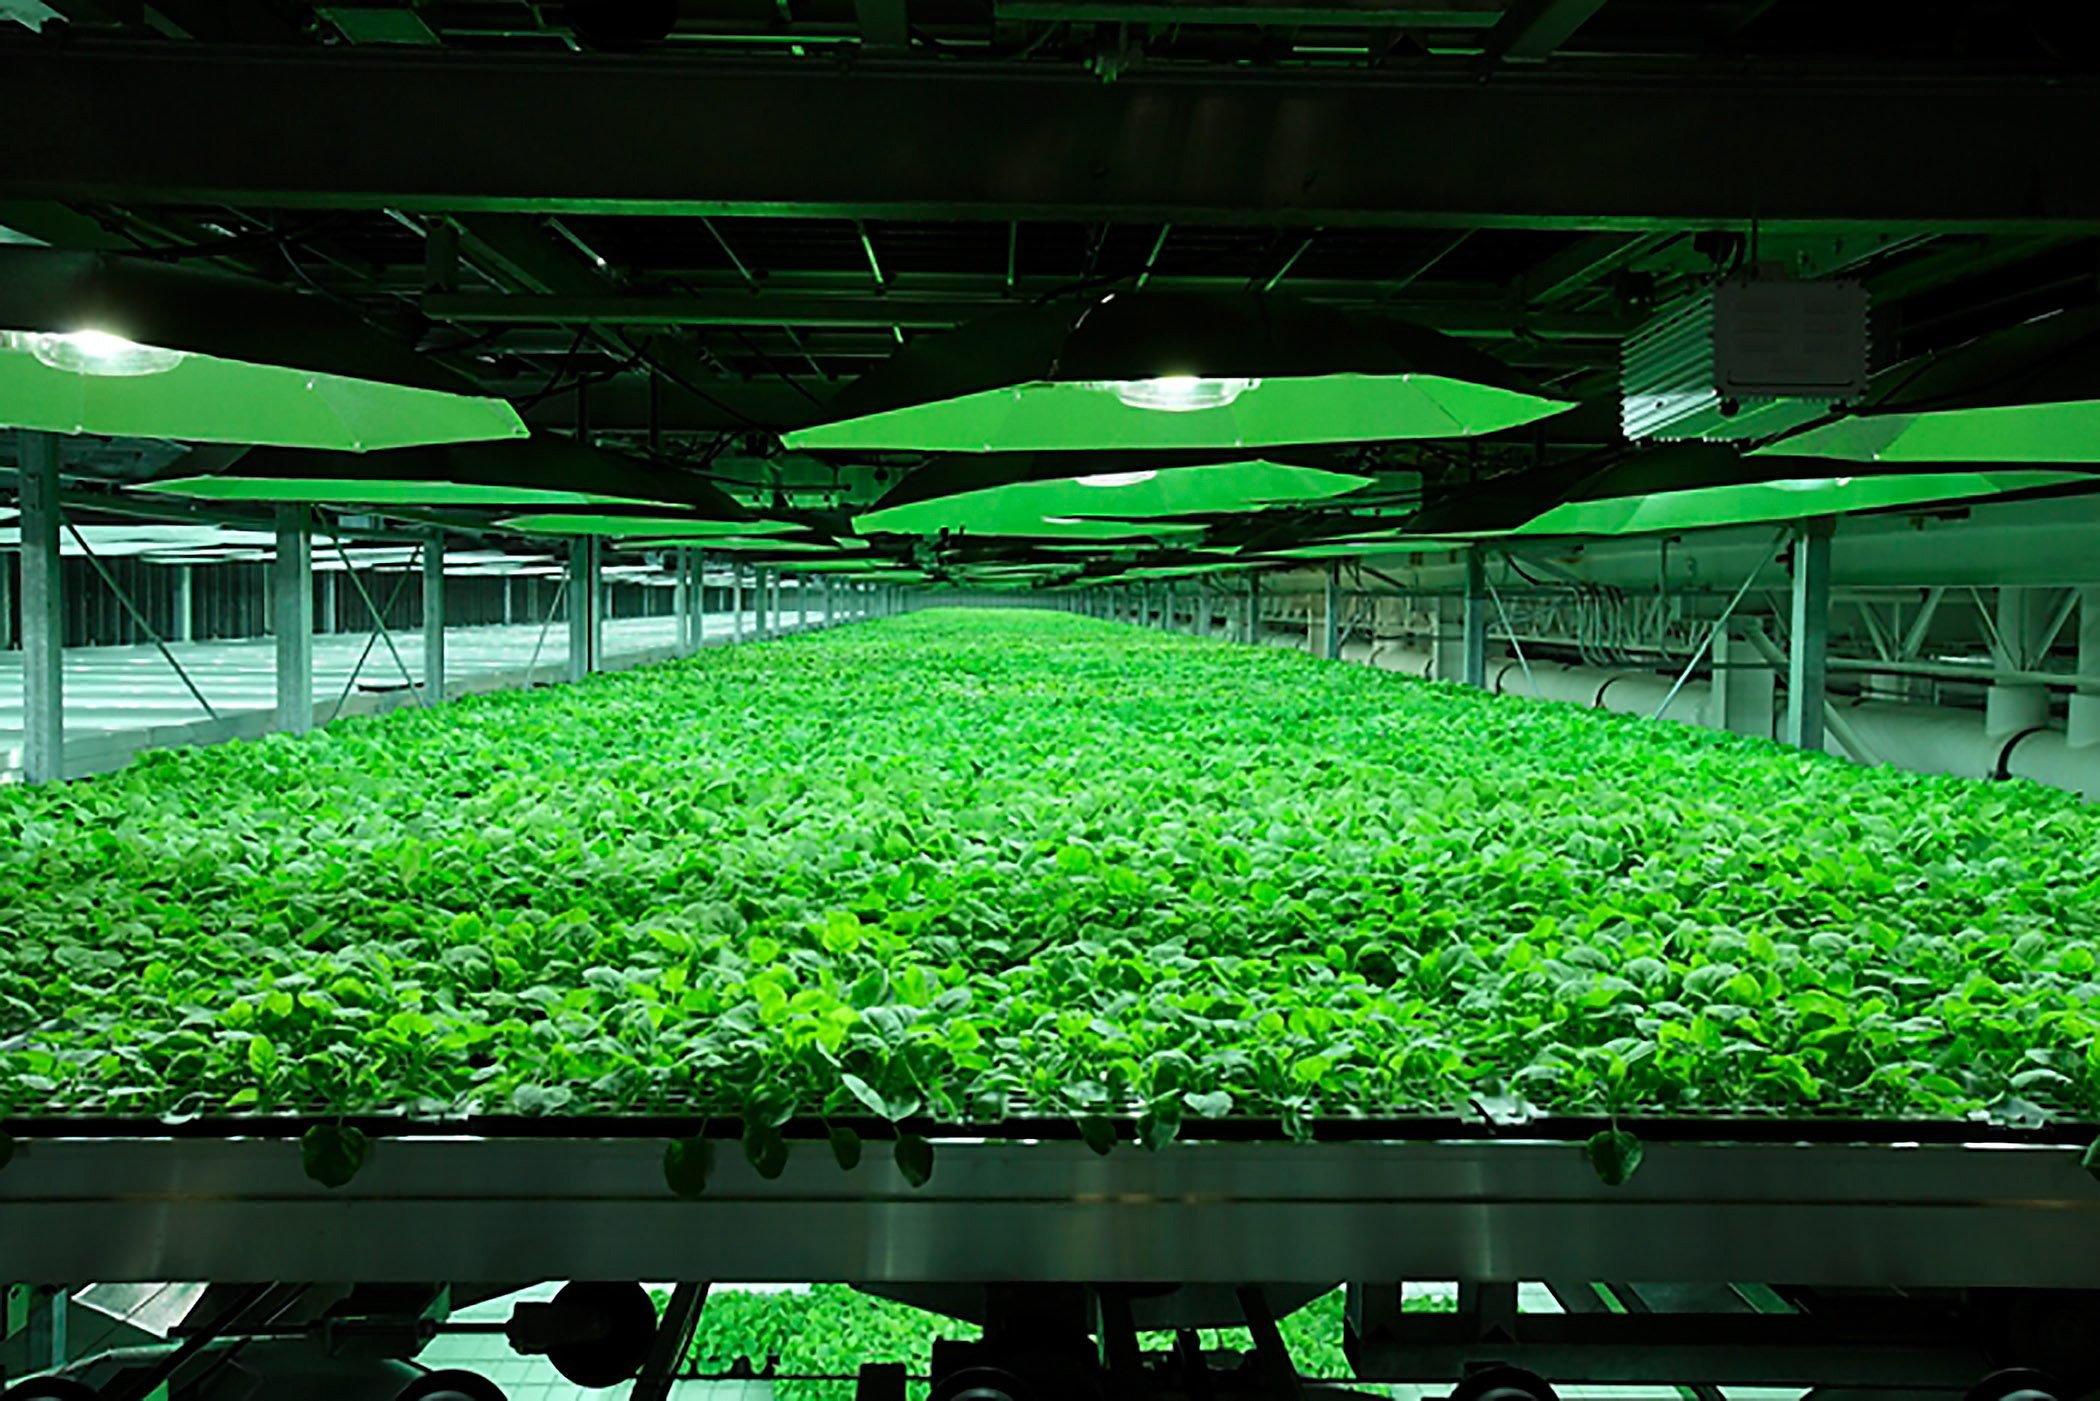 In Tabakpflanzen wird das neue Medikament ZMapp hergestellt, das jetzt 18 an Ebola erkrankte Rhesusaffen geheilt hat.